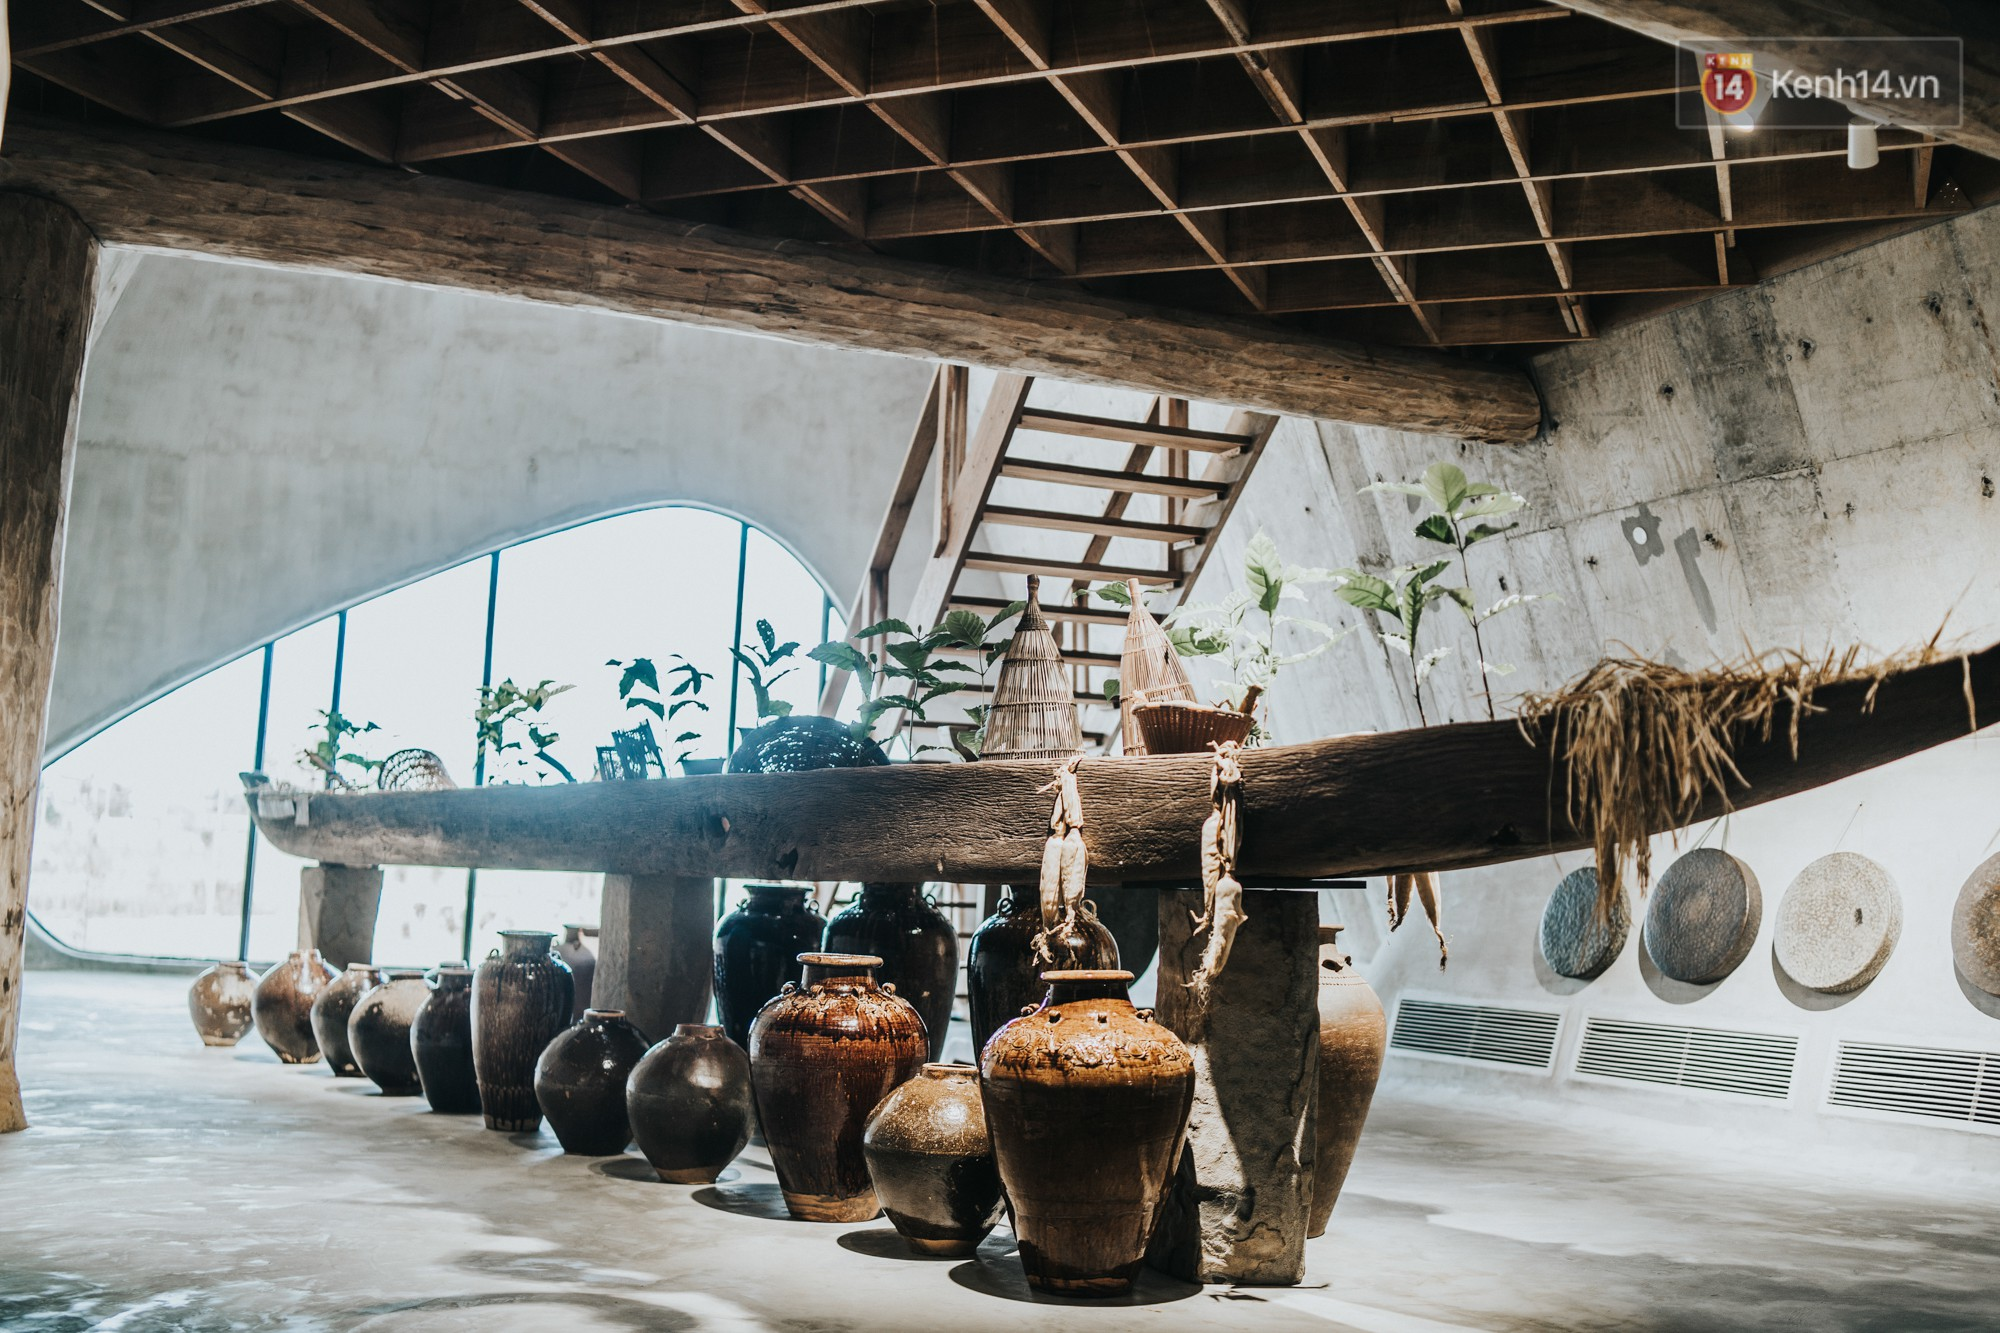 Bảo tàng cà phê mới toanh ở Buôn Ma Thuột đang là địa điểm check-in phủ sóng Instagram! - Ảnh 4.